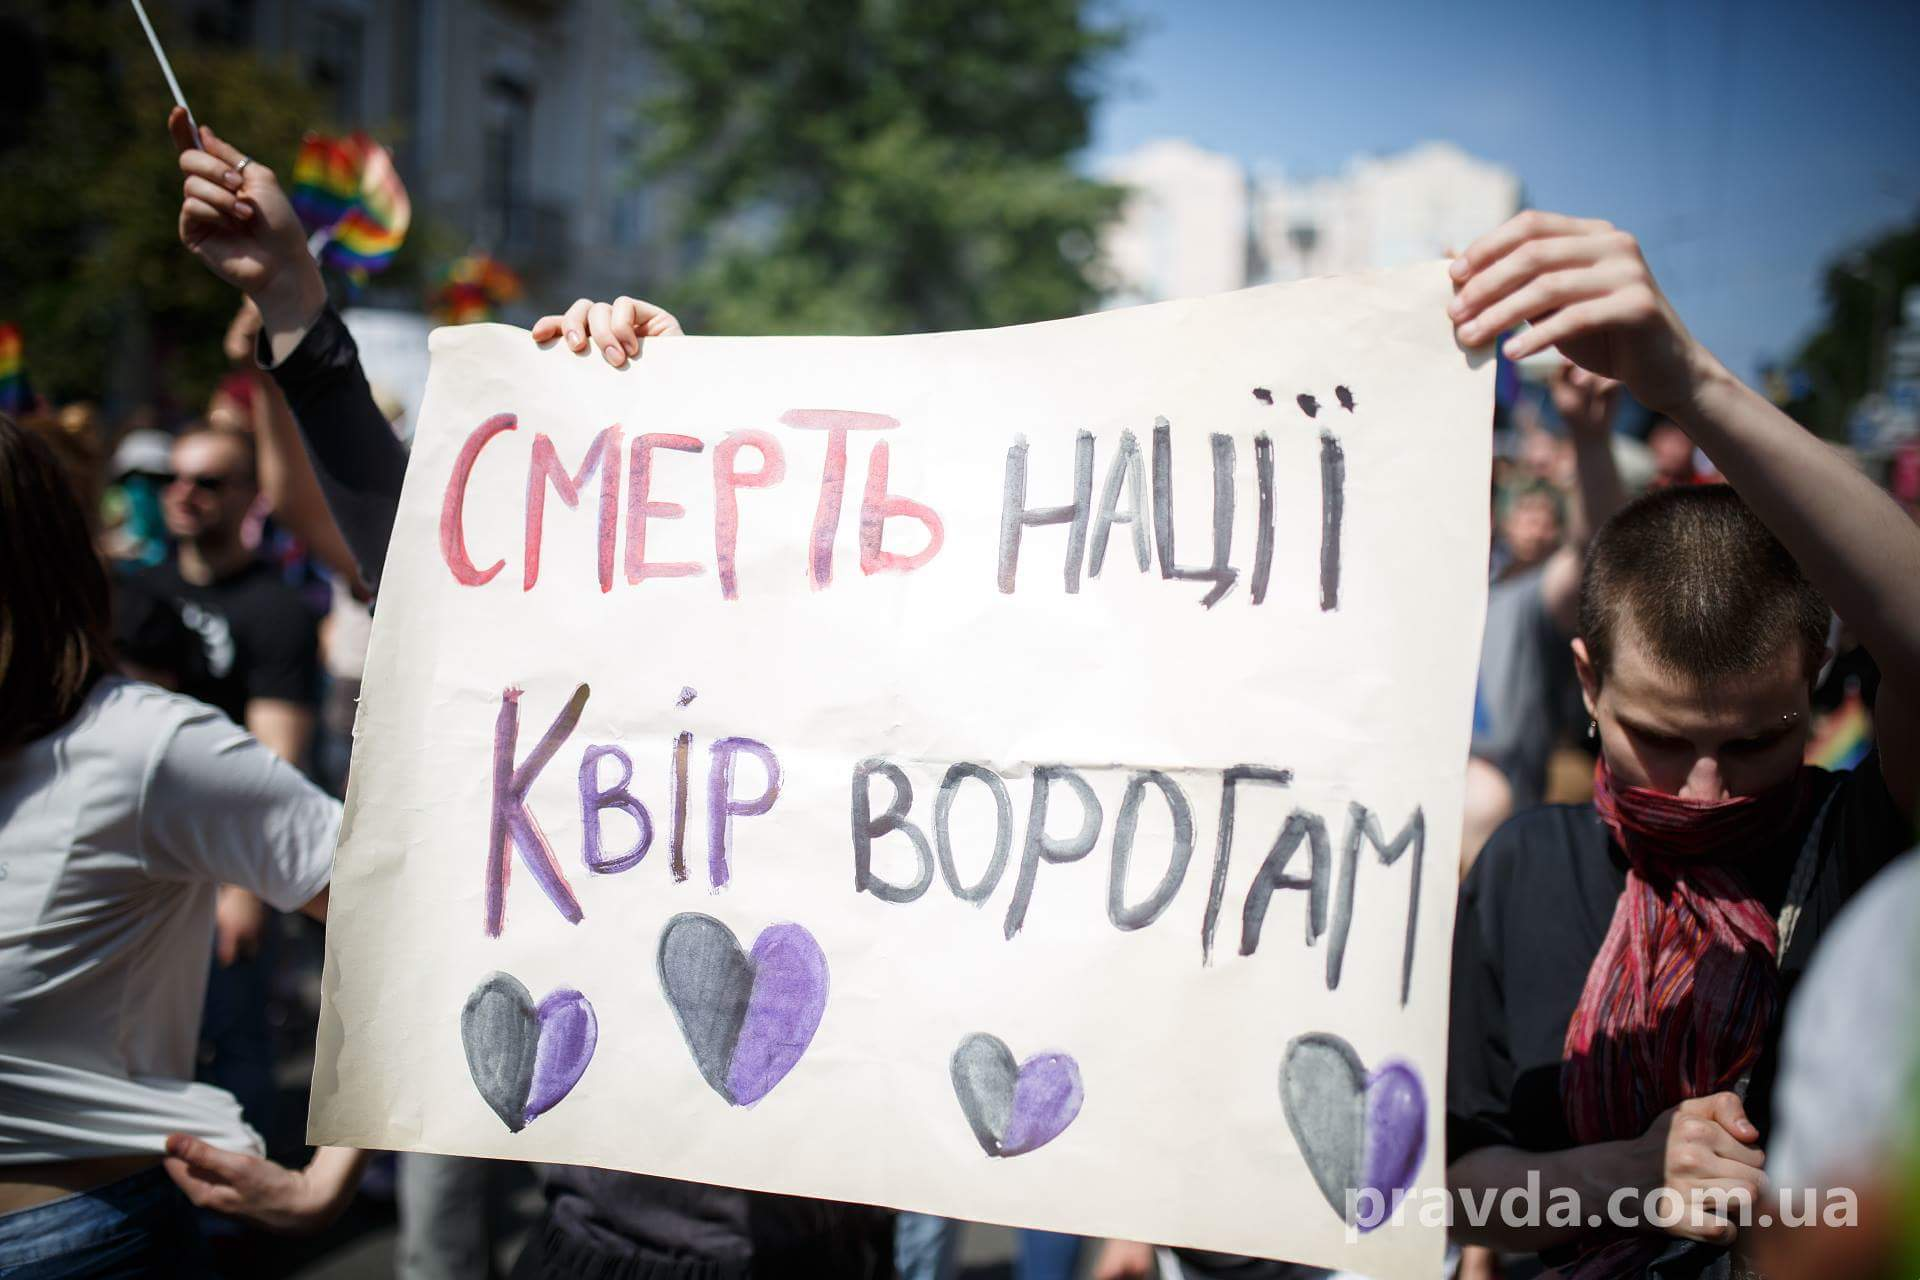 Фото с сайта Украинской правды